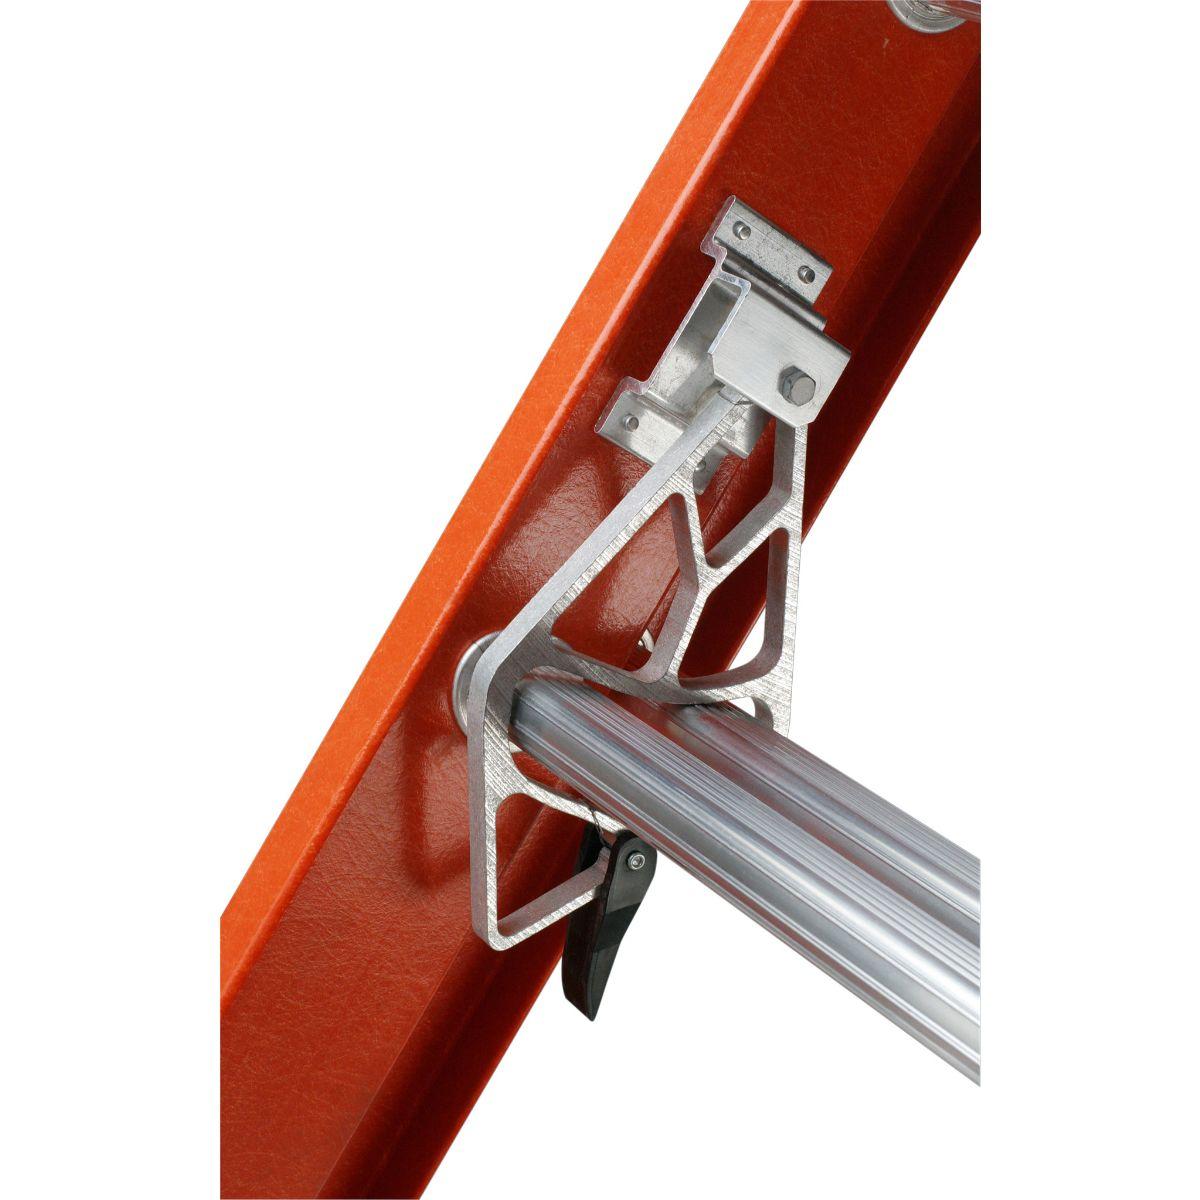 Werner D6200 2 Extension Ladder Fiberglass Malaysia